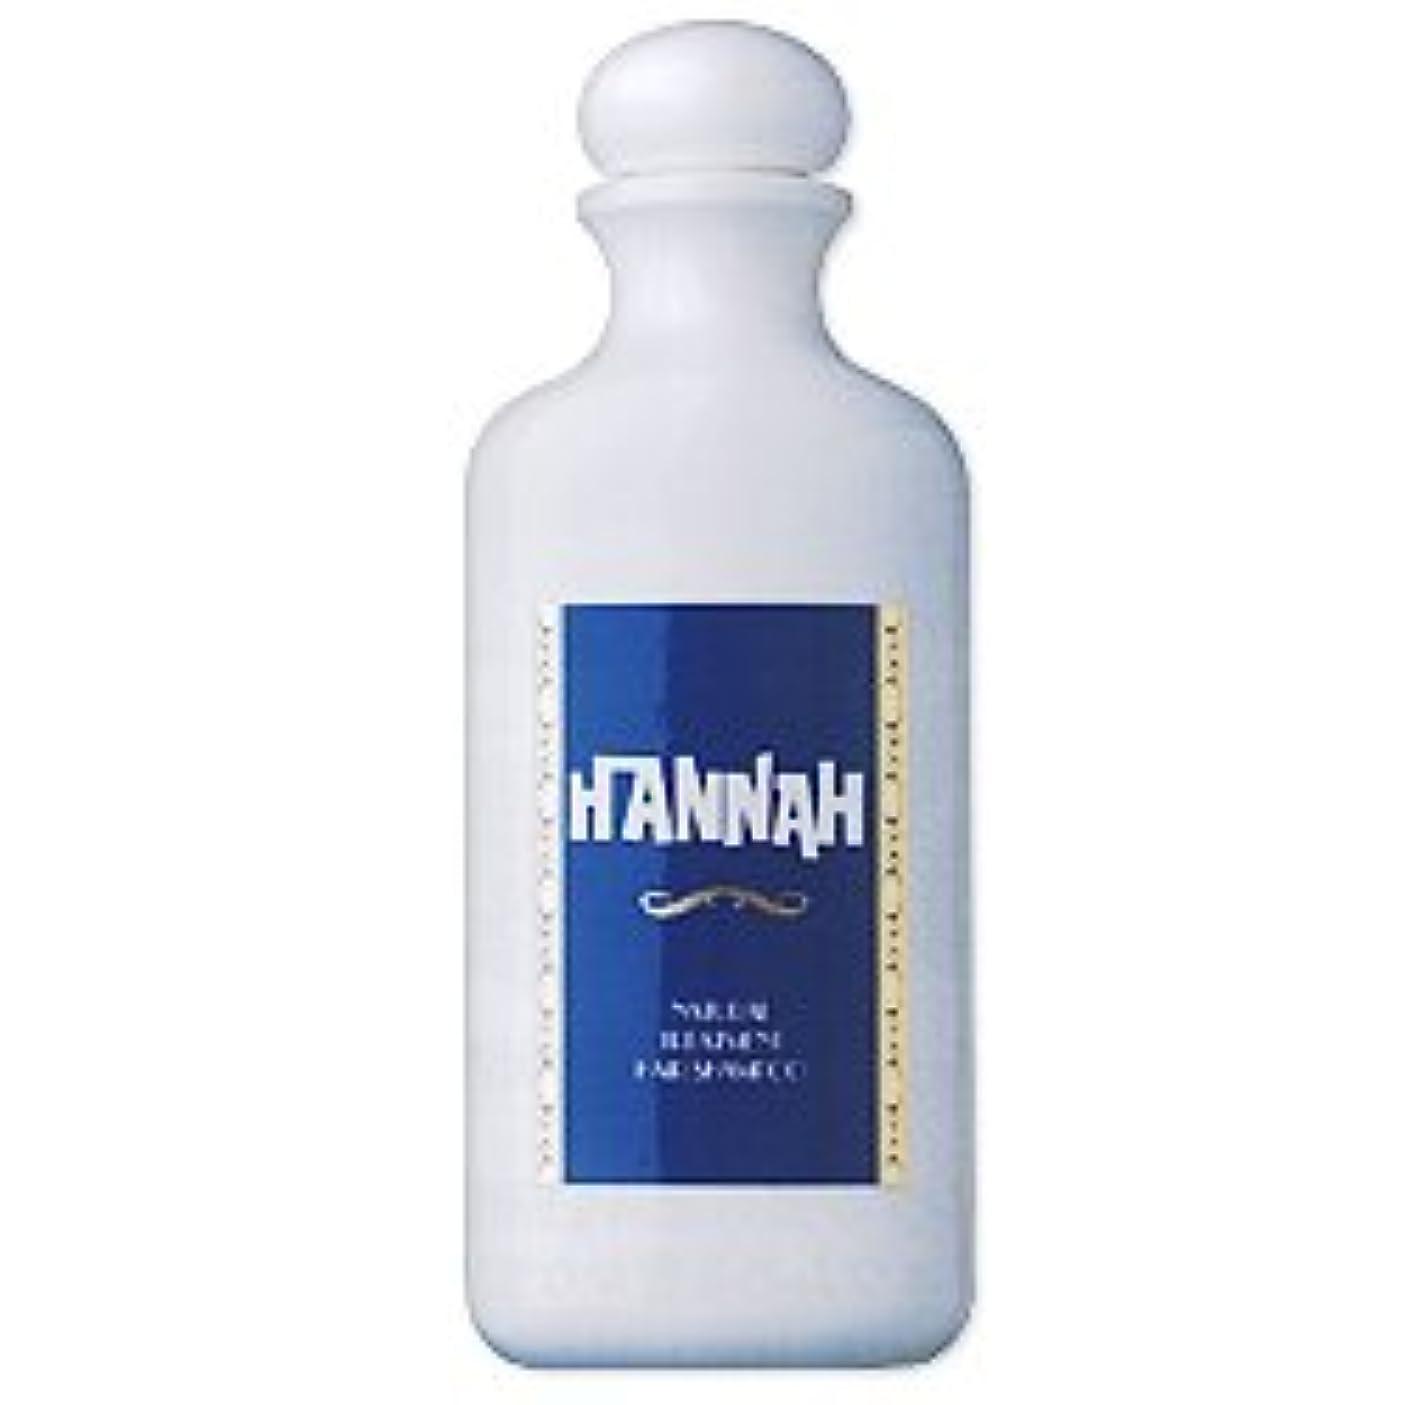 ハプニング城鳴らす国際化学株式会社 ハンナ ナチュラル トリートメント シャンプー 300ml